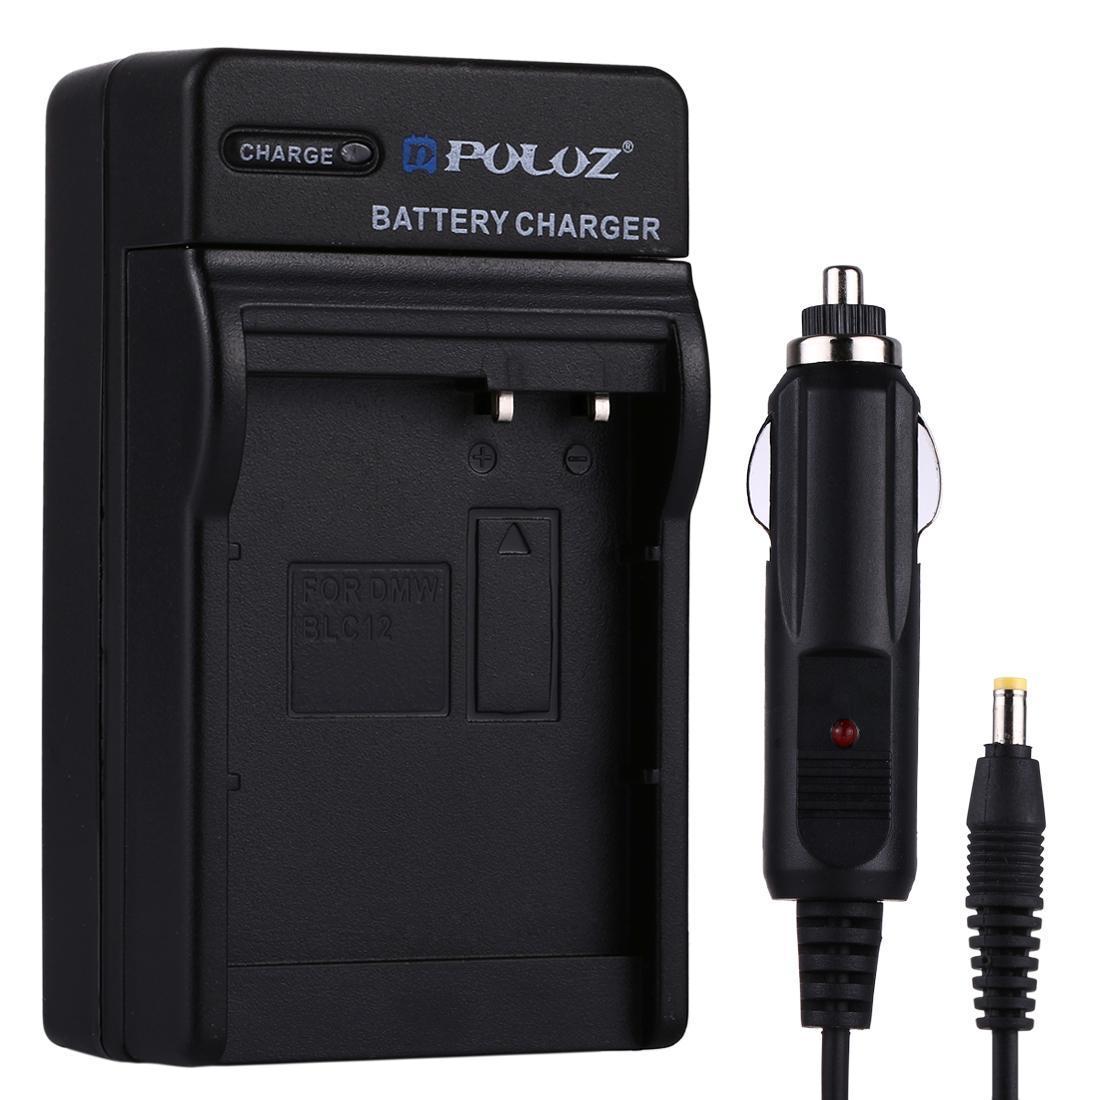 PULUZ Digitalkamera Akku Auto-Ladegerät für Panasonic DMW-BLC12 Batterie